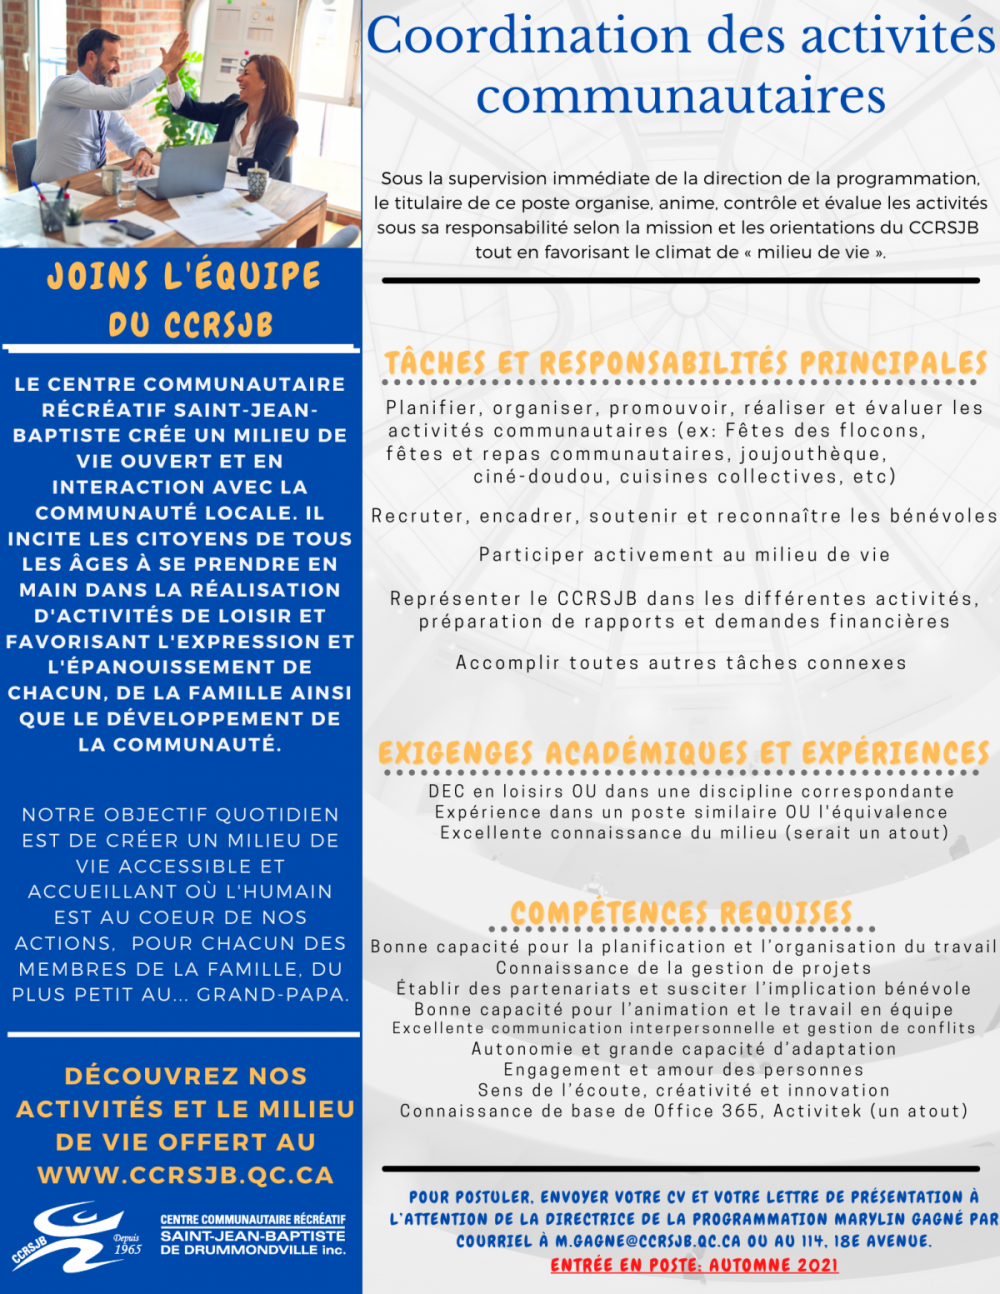 Coordination aux activités communautaires CCRSJB